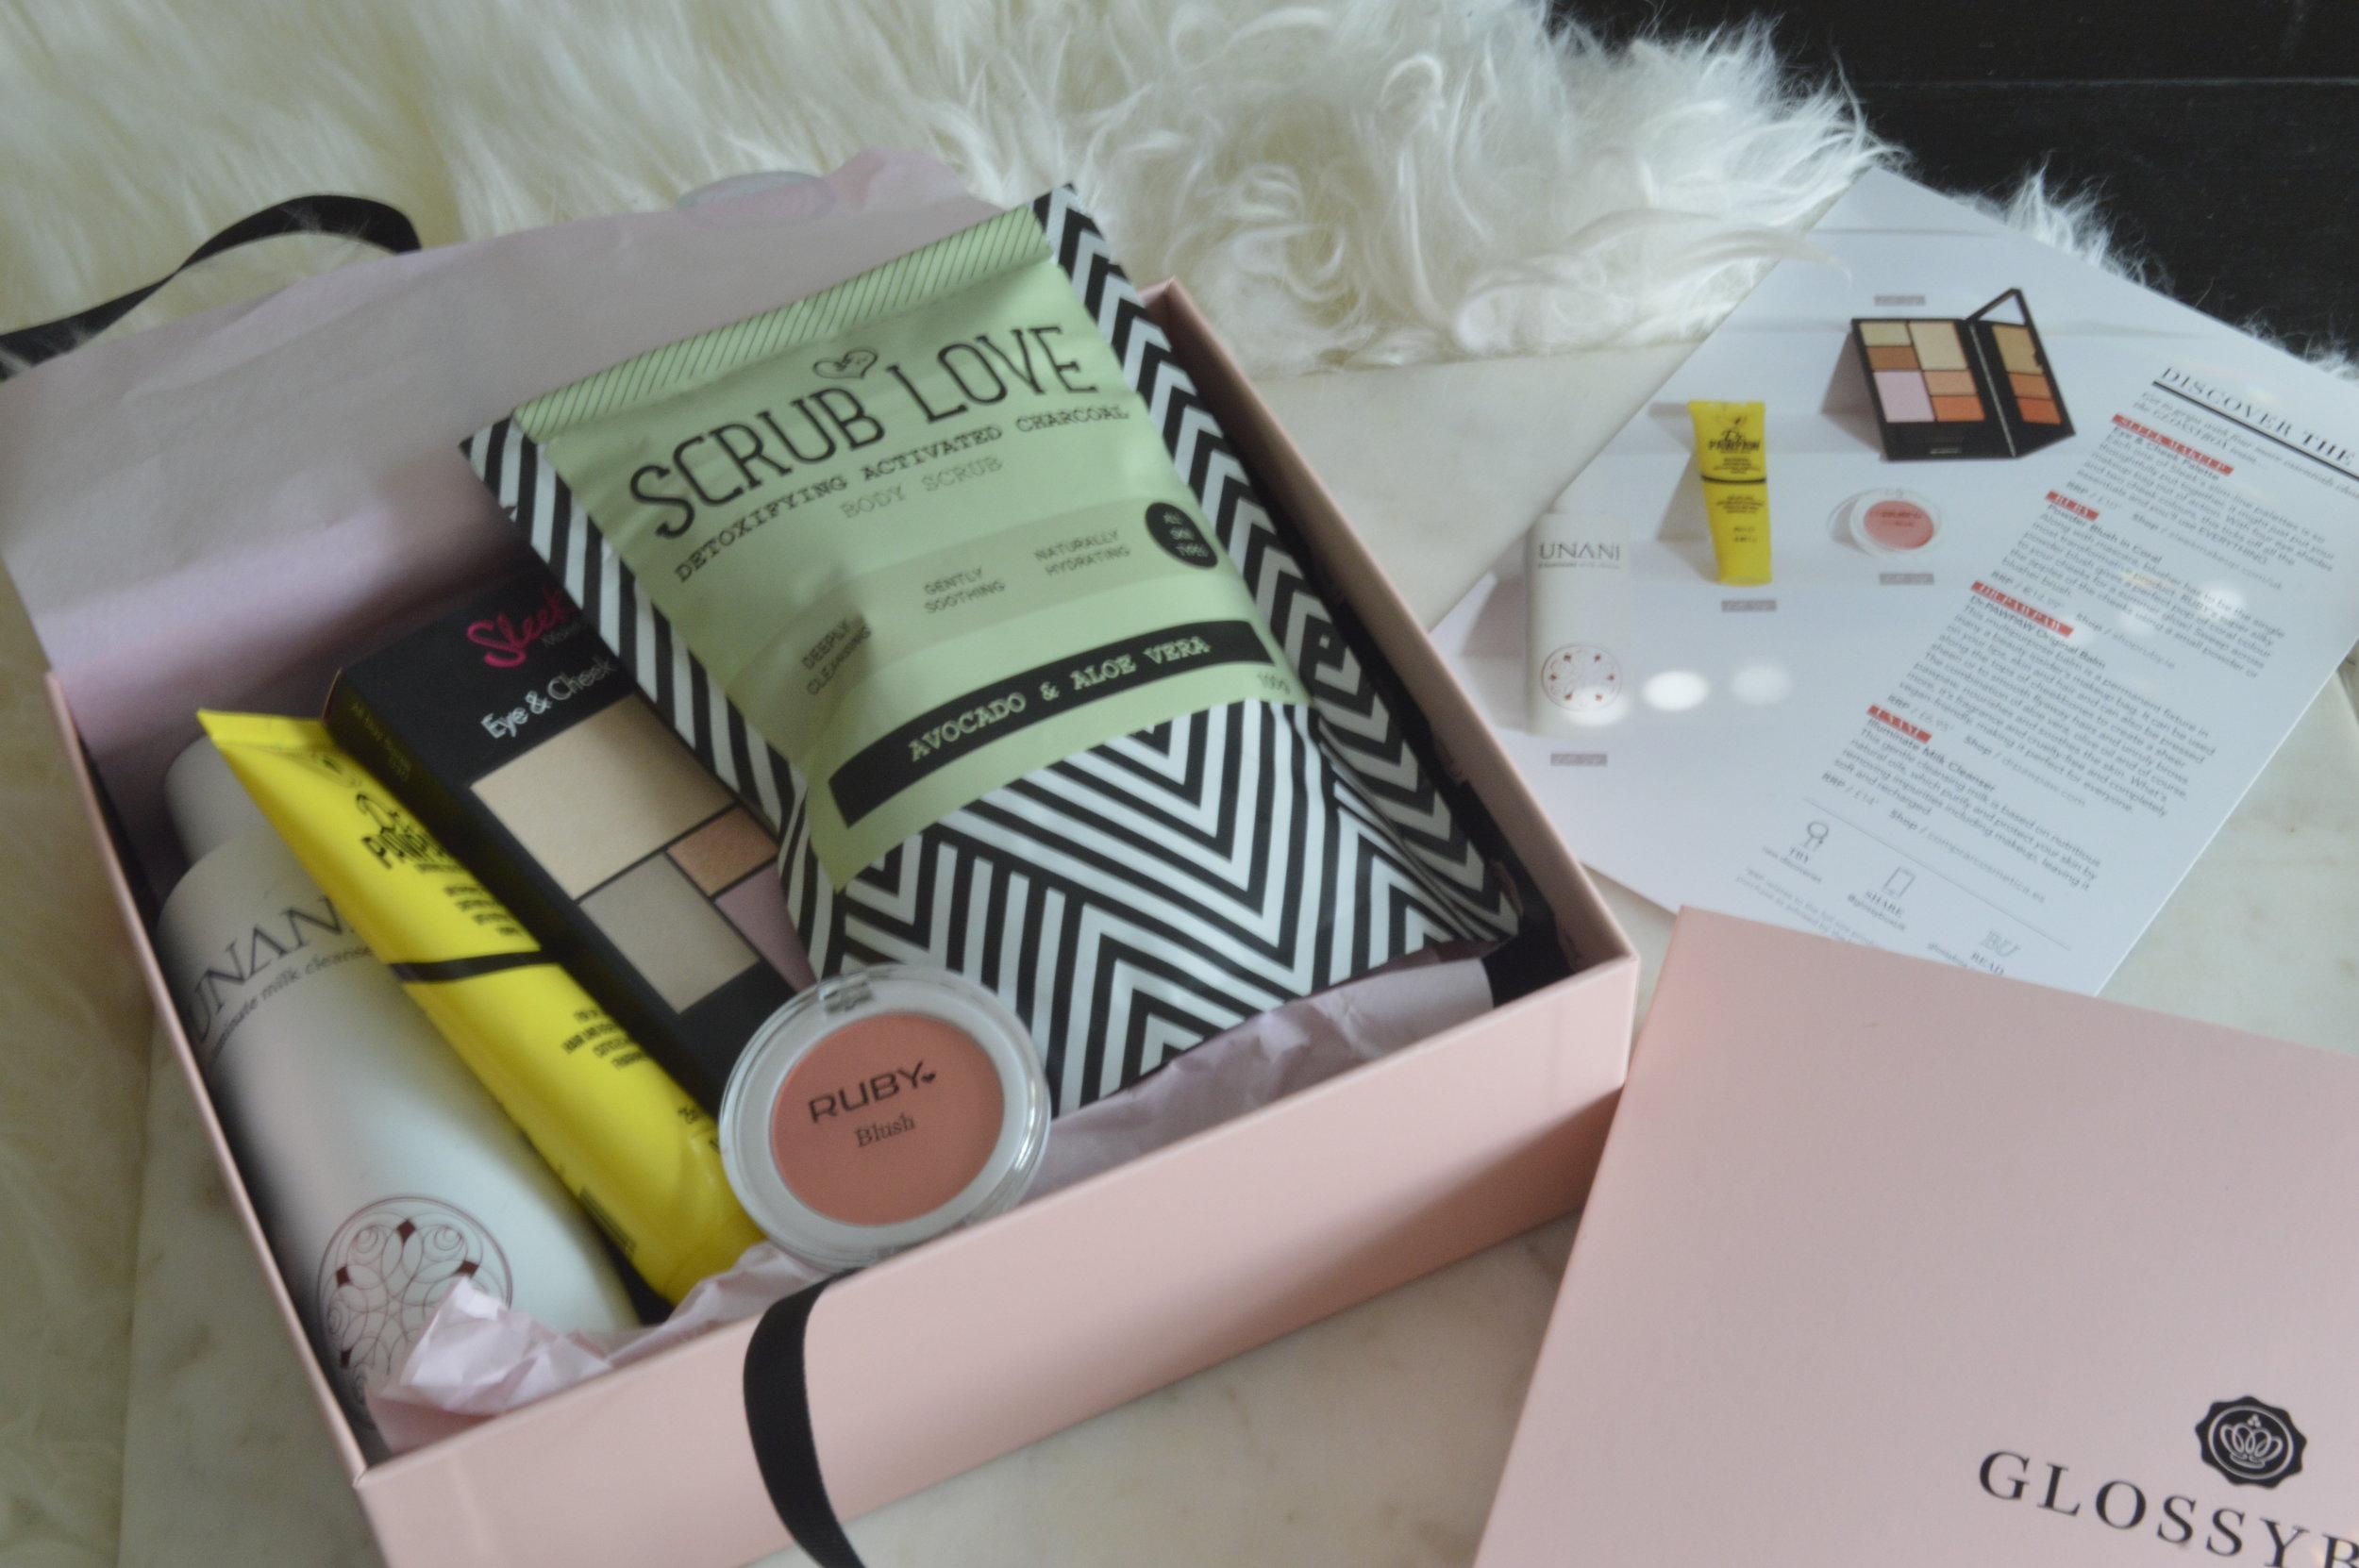 Glossy Box UK May, Beauty Review